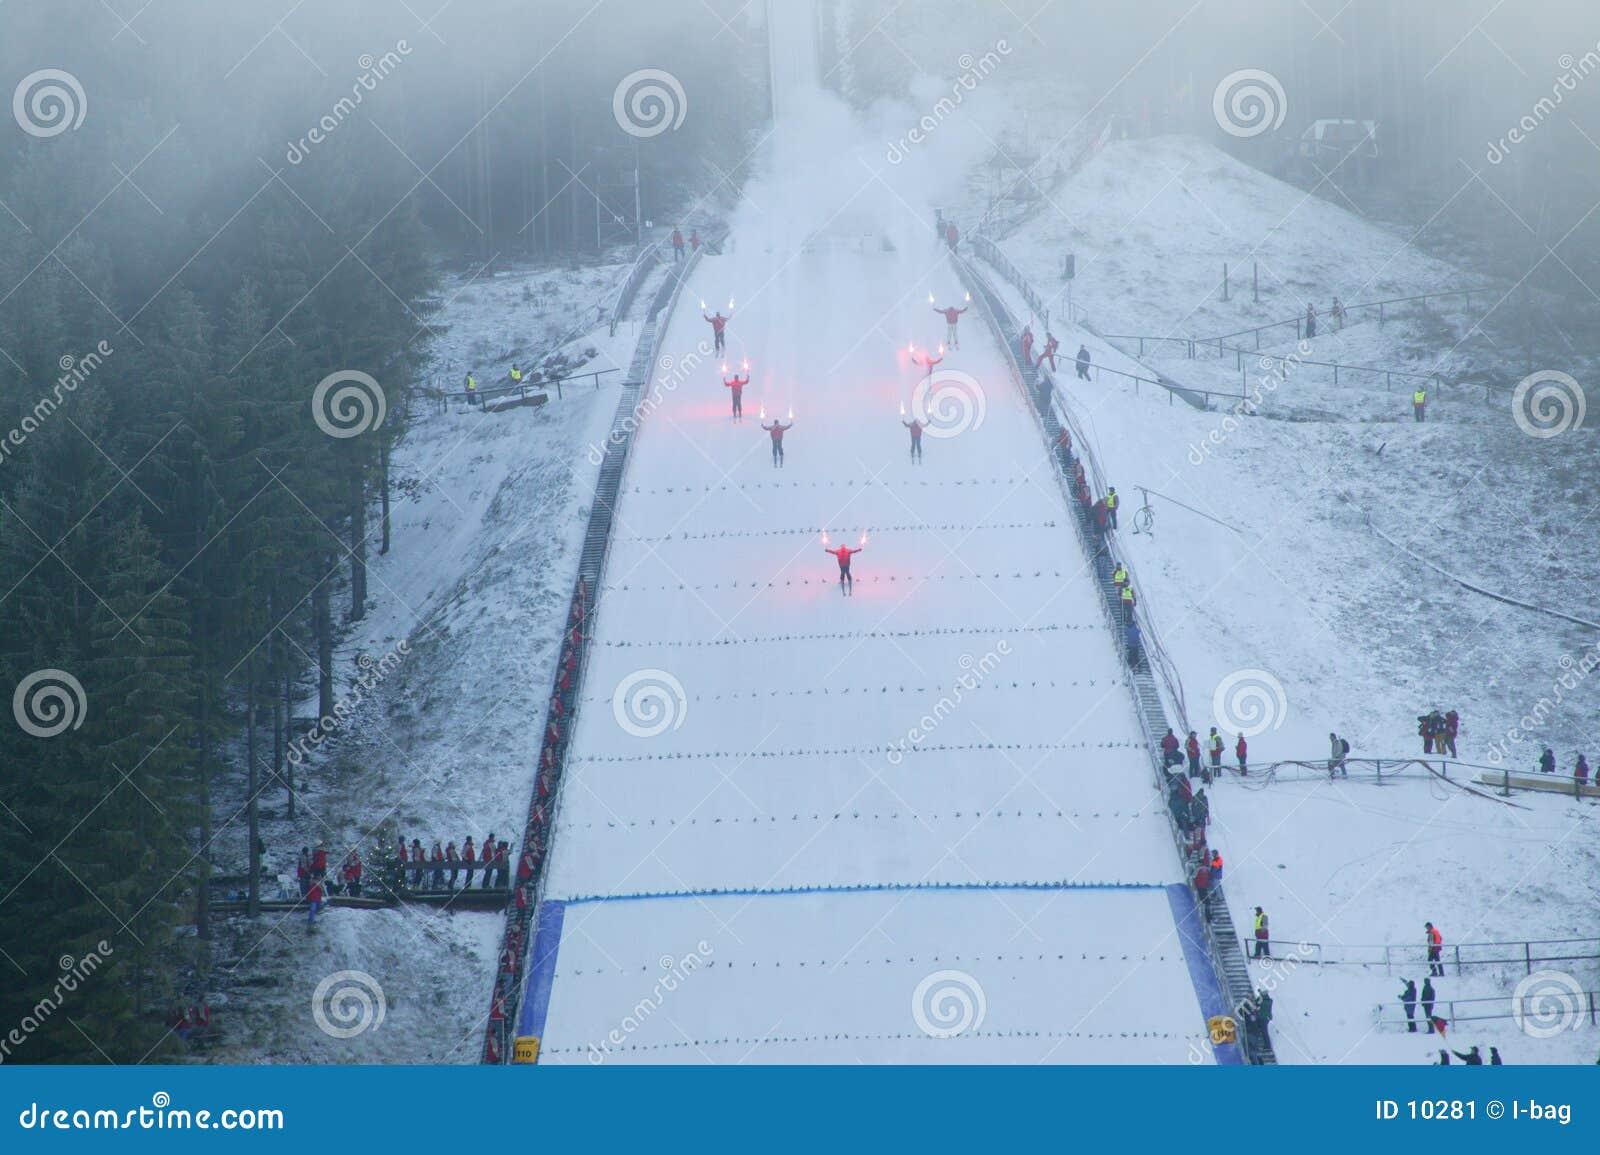 Comienzo del salto de esquí